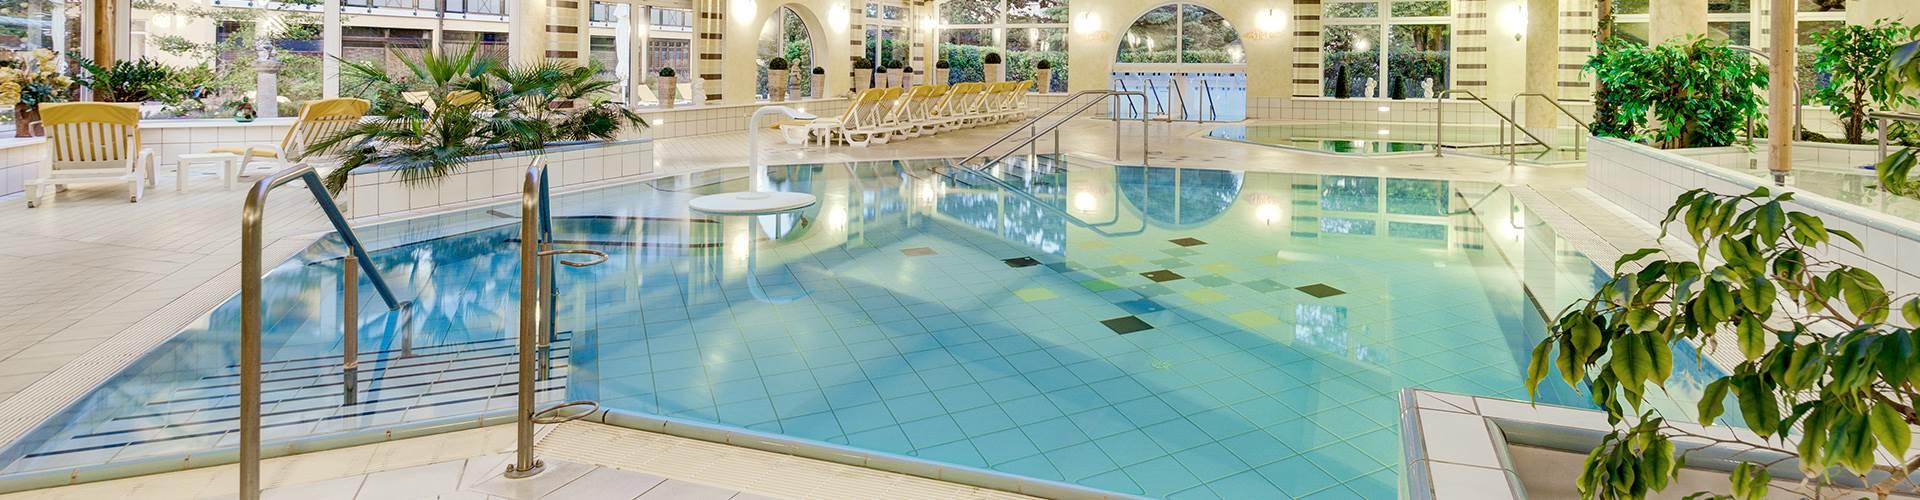 Indoor Thermalbad in einem Hotel